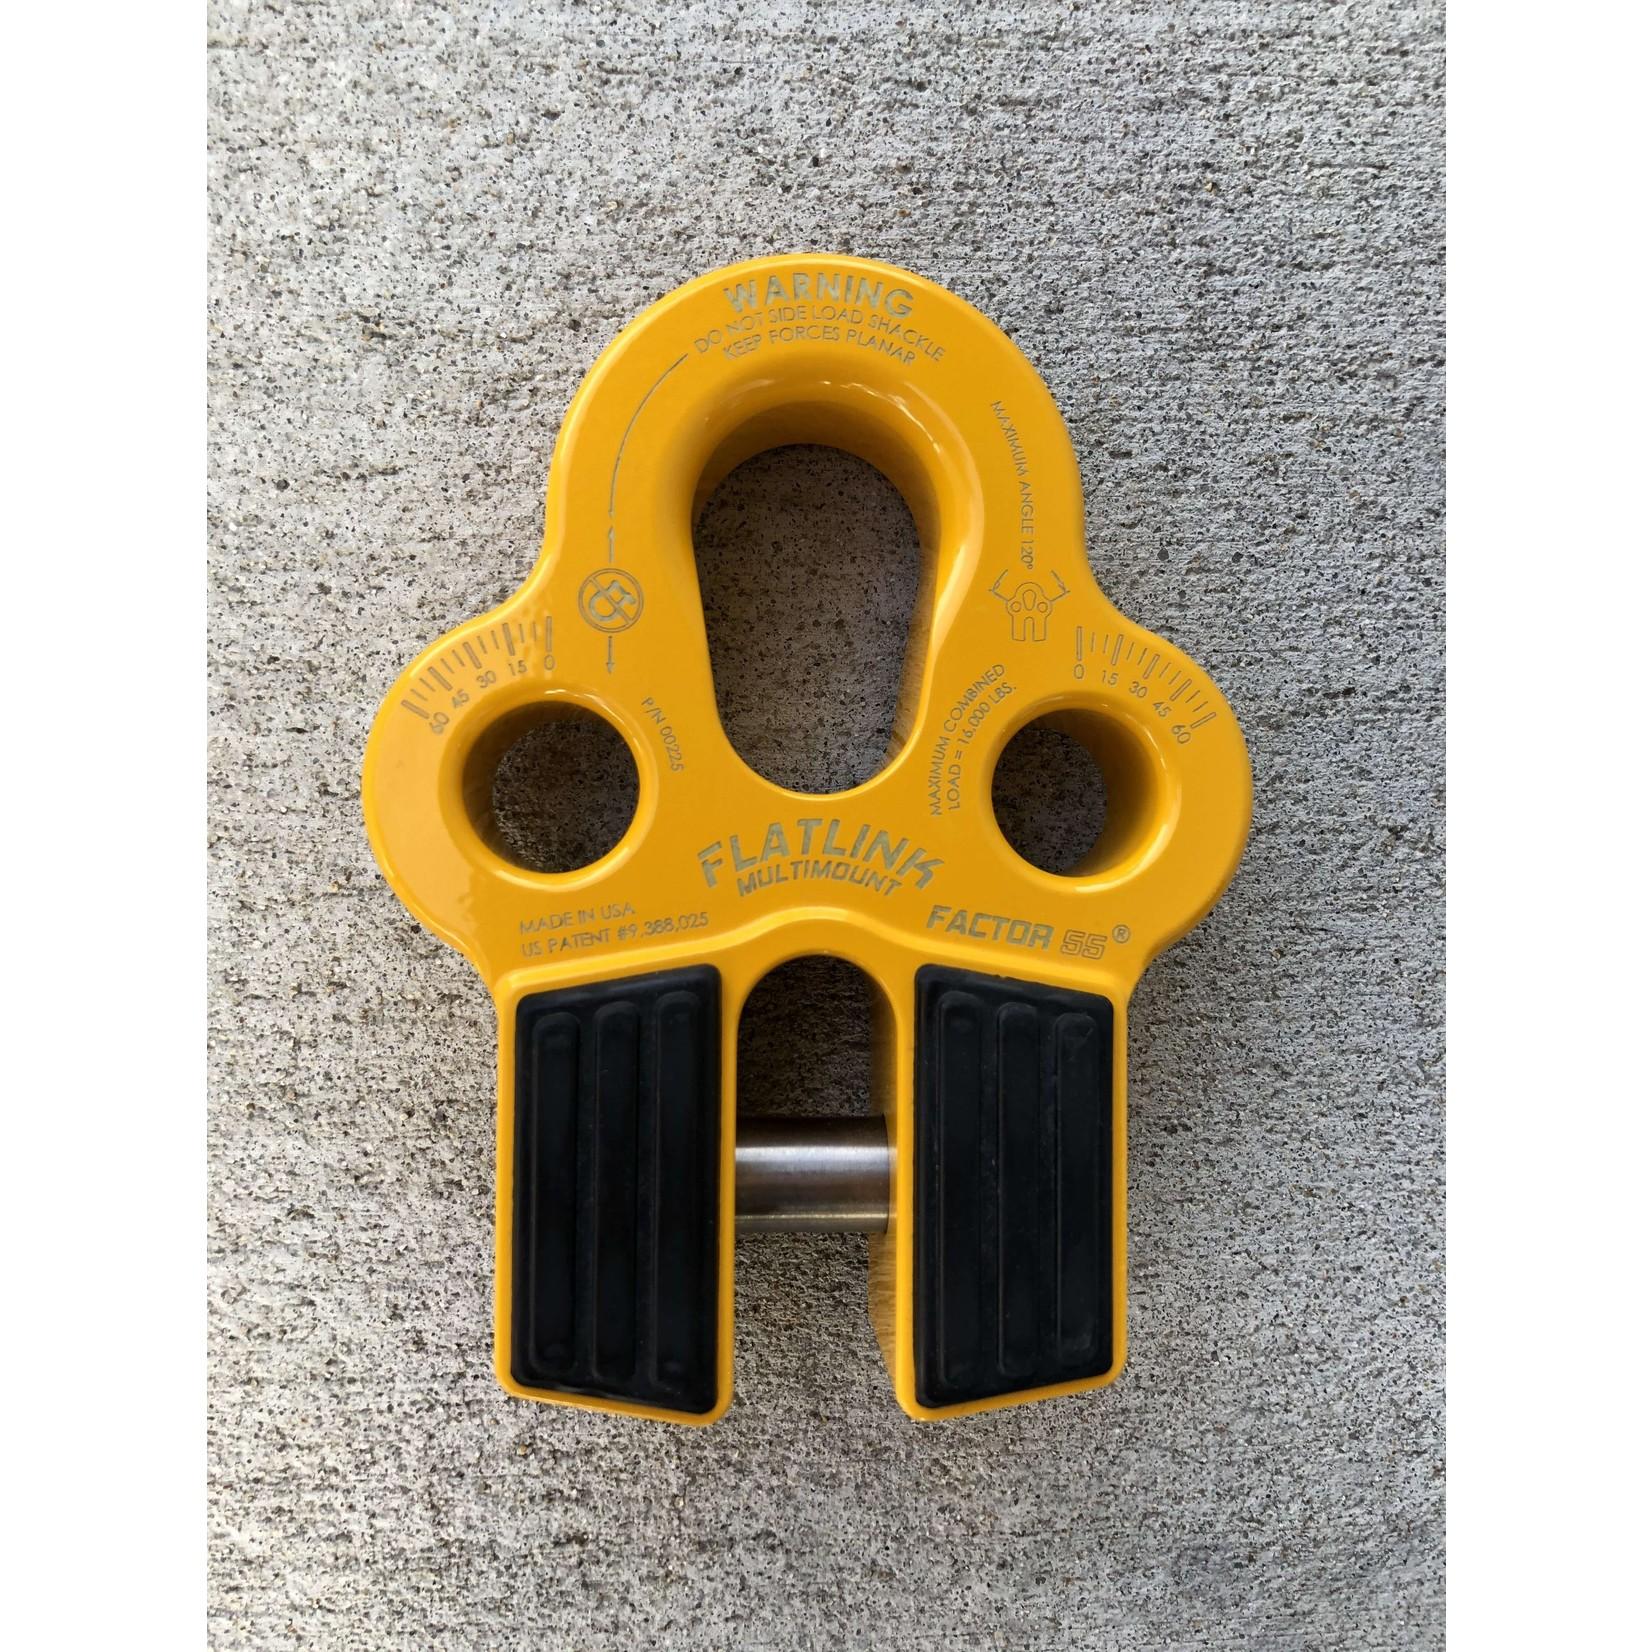 Factor 55 Factor 55 FlatLink MultiMount Winch Shackle